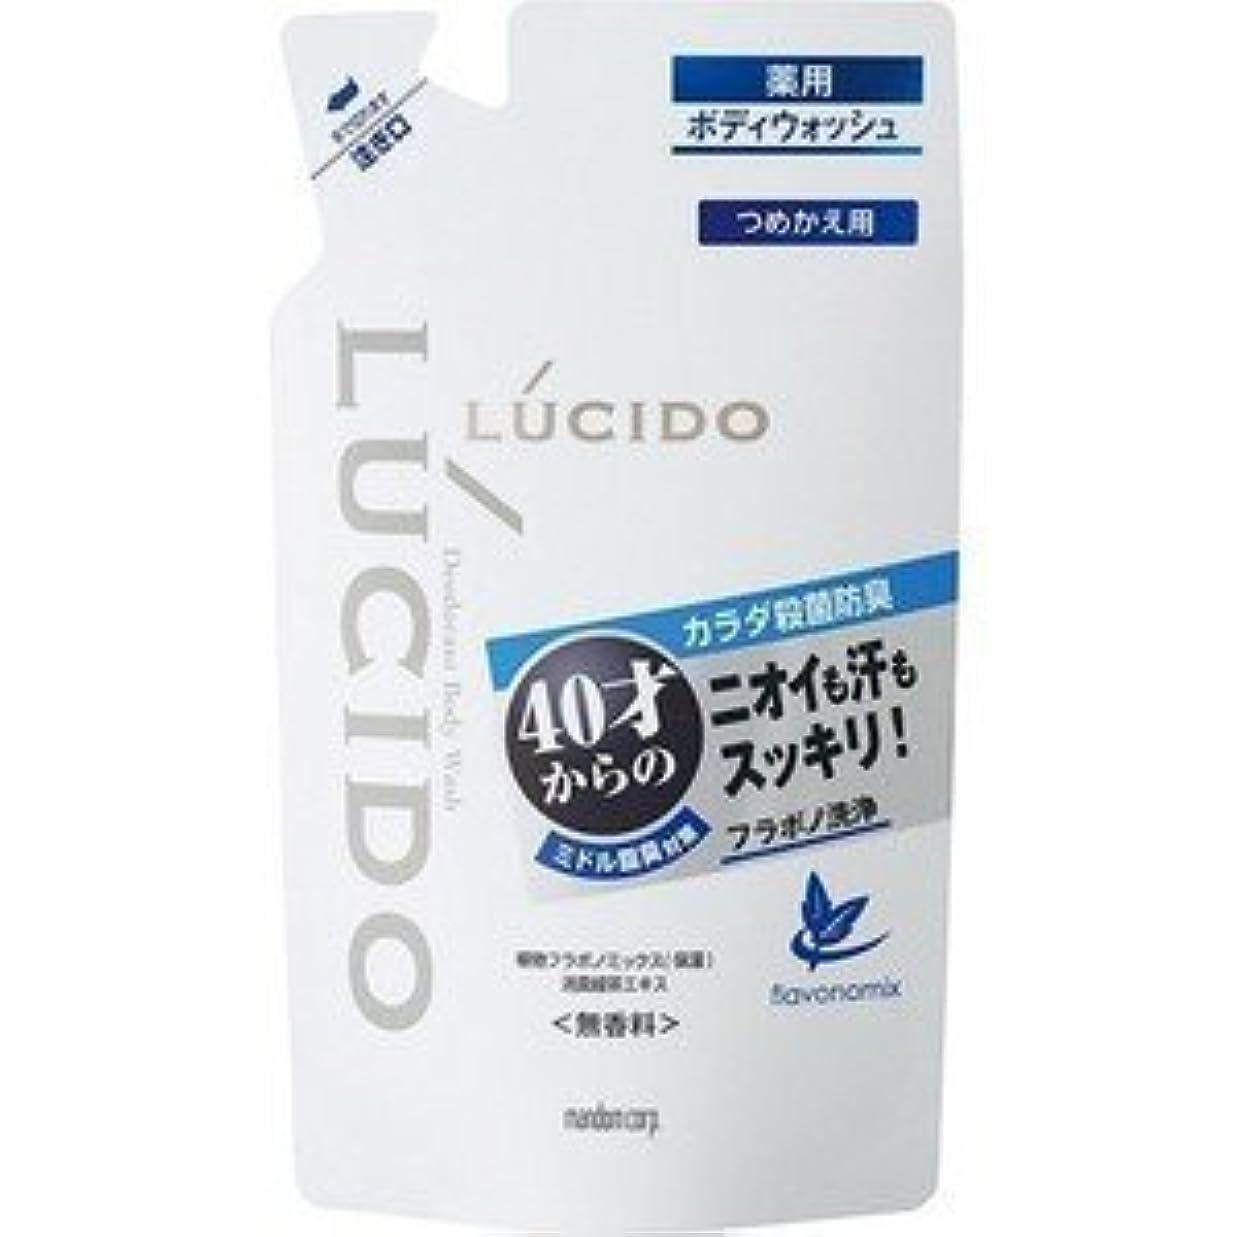 以上一節午後【LUCIDO】ルシード 薬用デオドラントボディウォッシュ つめかえ用 380ml(医薬部外品)